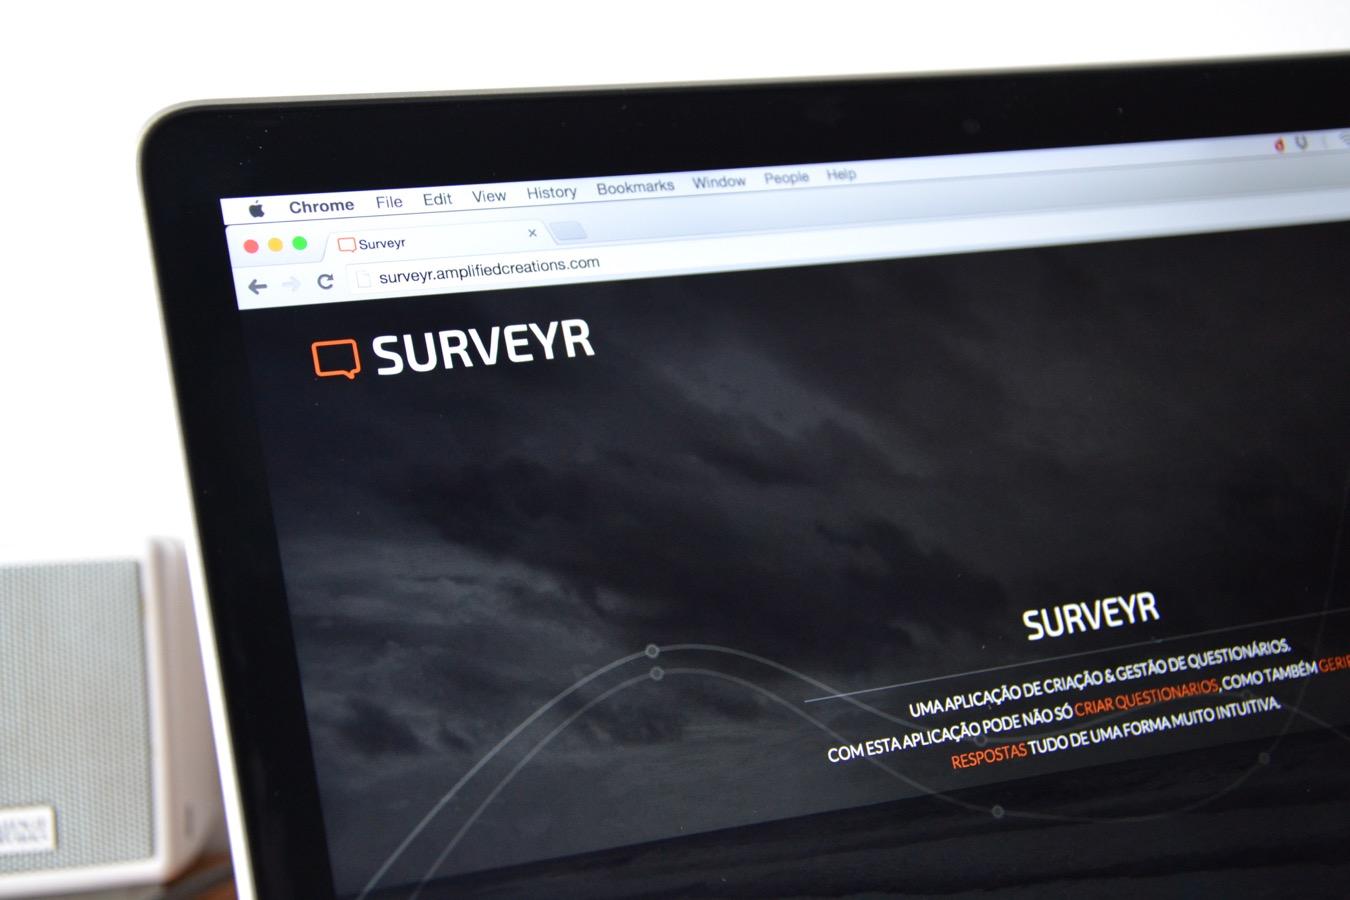 Surveyr